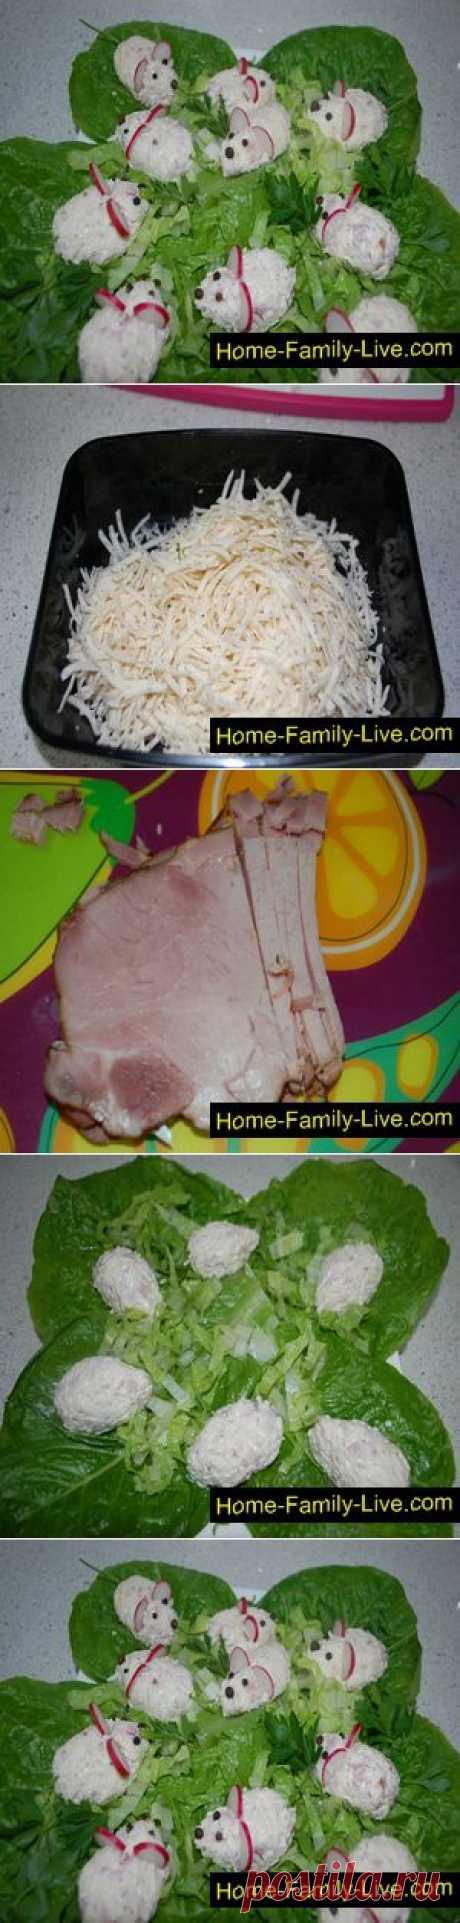 Мышки из сыра и бекона - Кулинарные рецепты